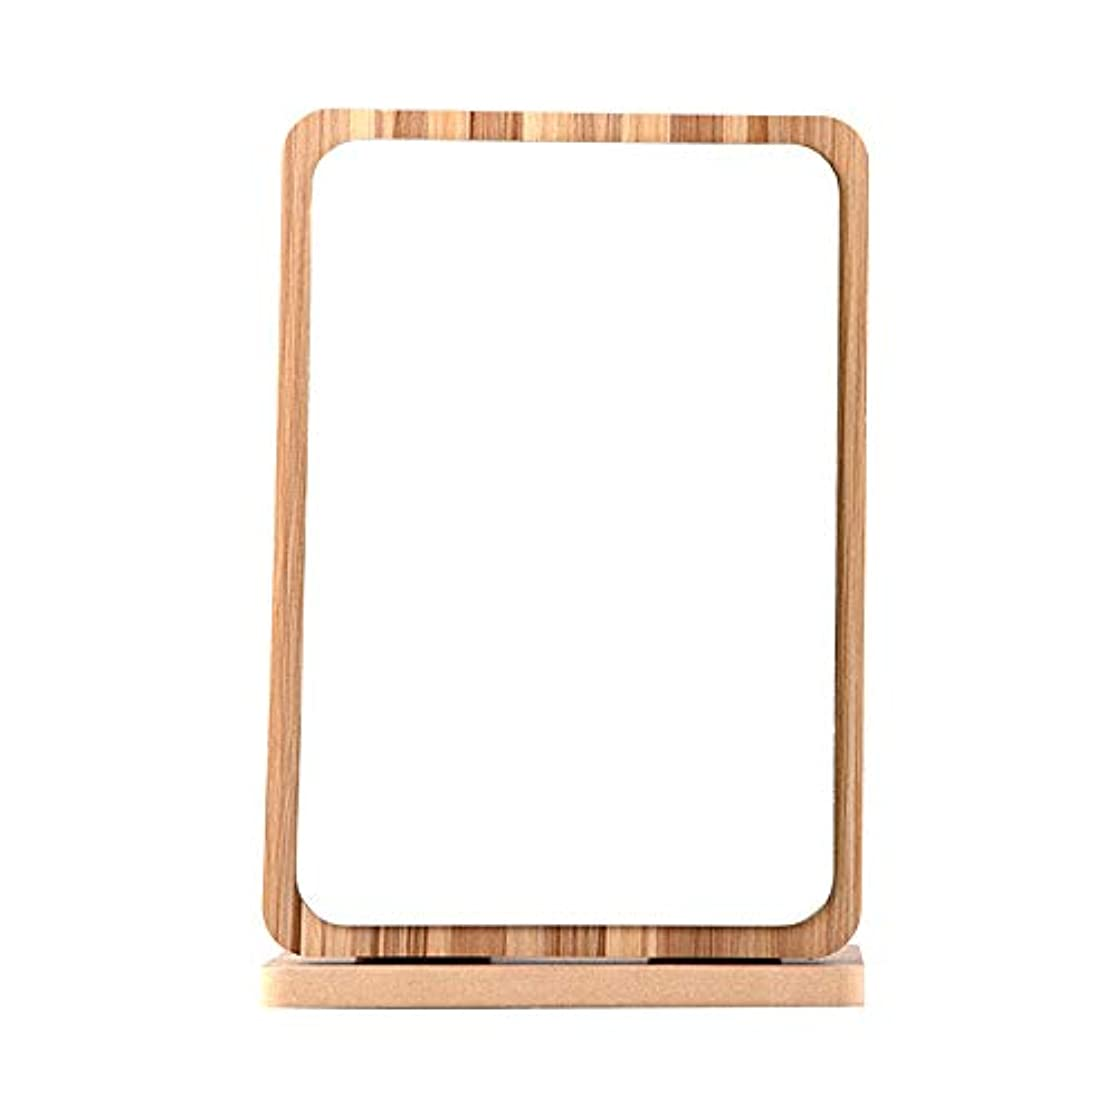 蘇生するライオン抗議鏡 卓上 化粧鏡 調整可能 90度回転 木 製 天然木 フレーム 木枠 タイプ